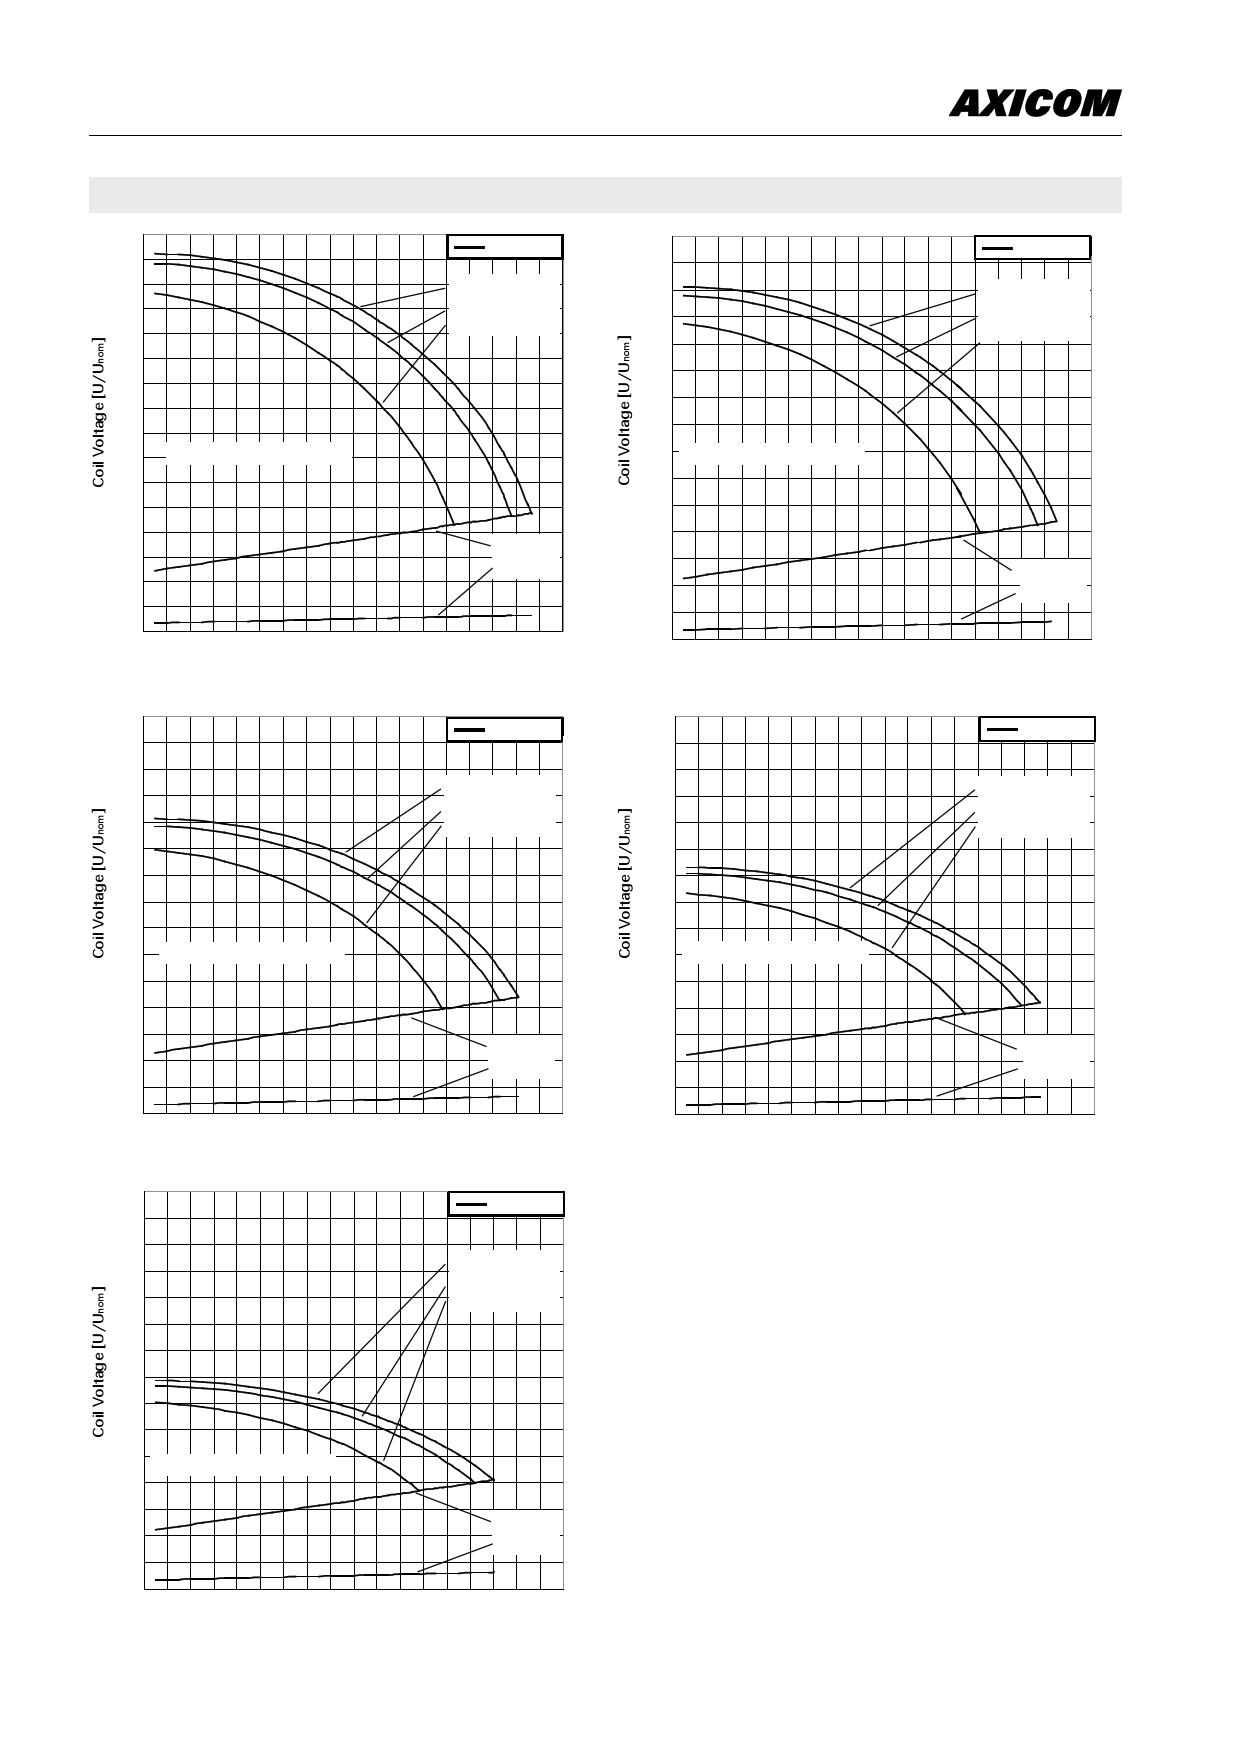 1-1462001-1 pdf, arduino